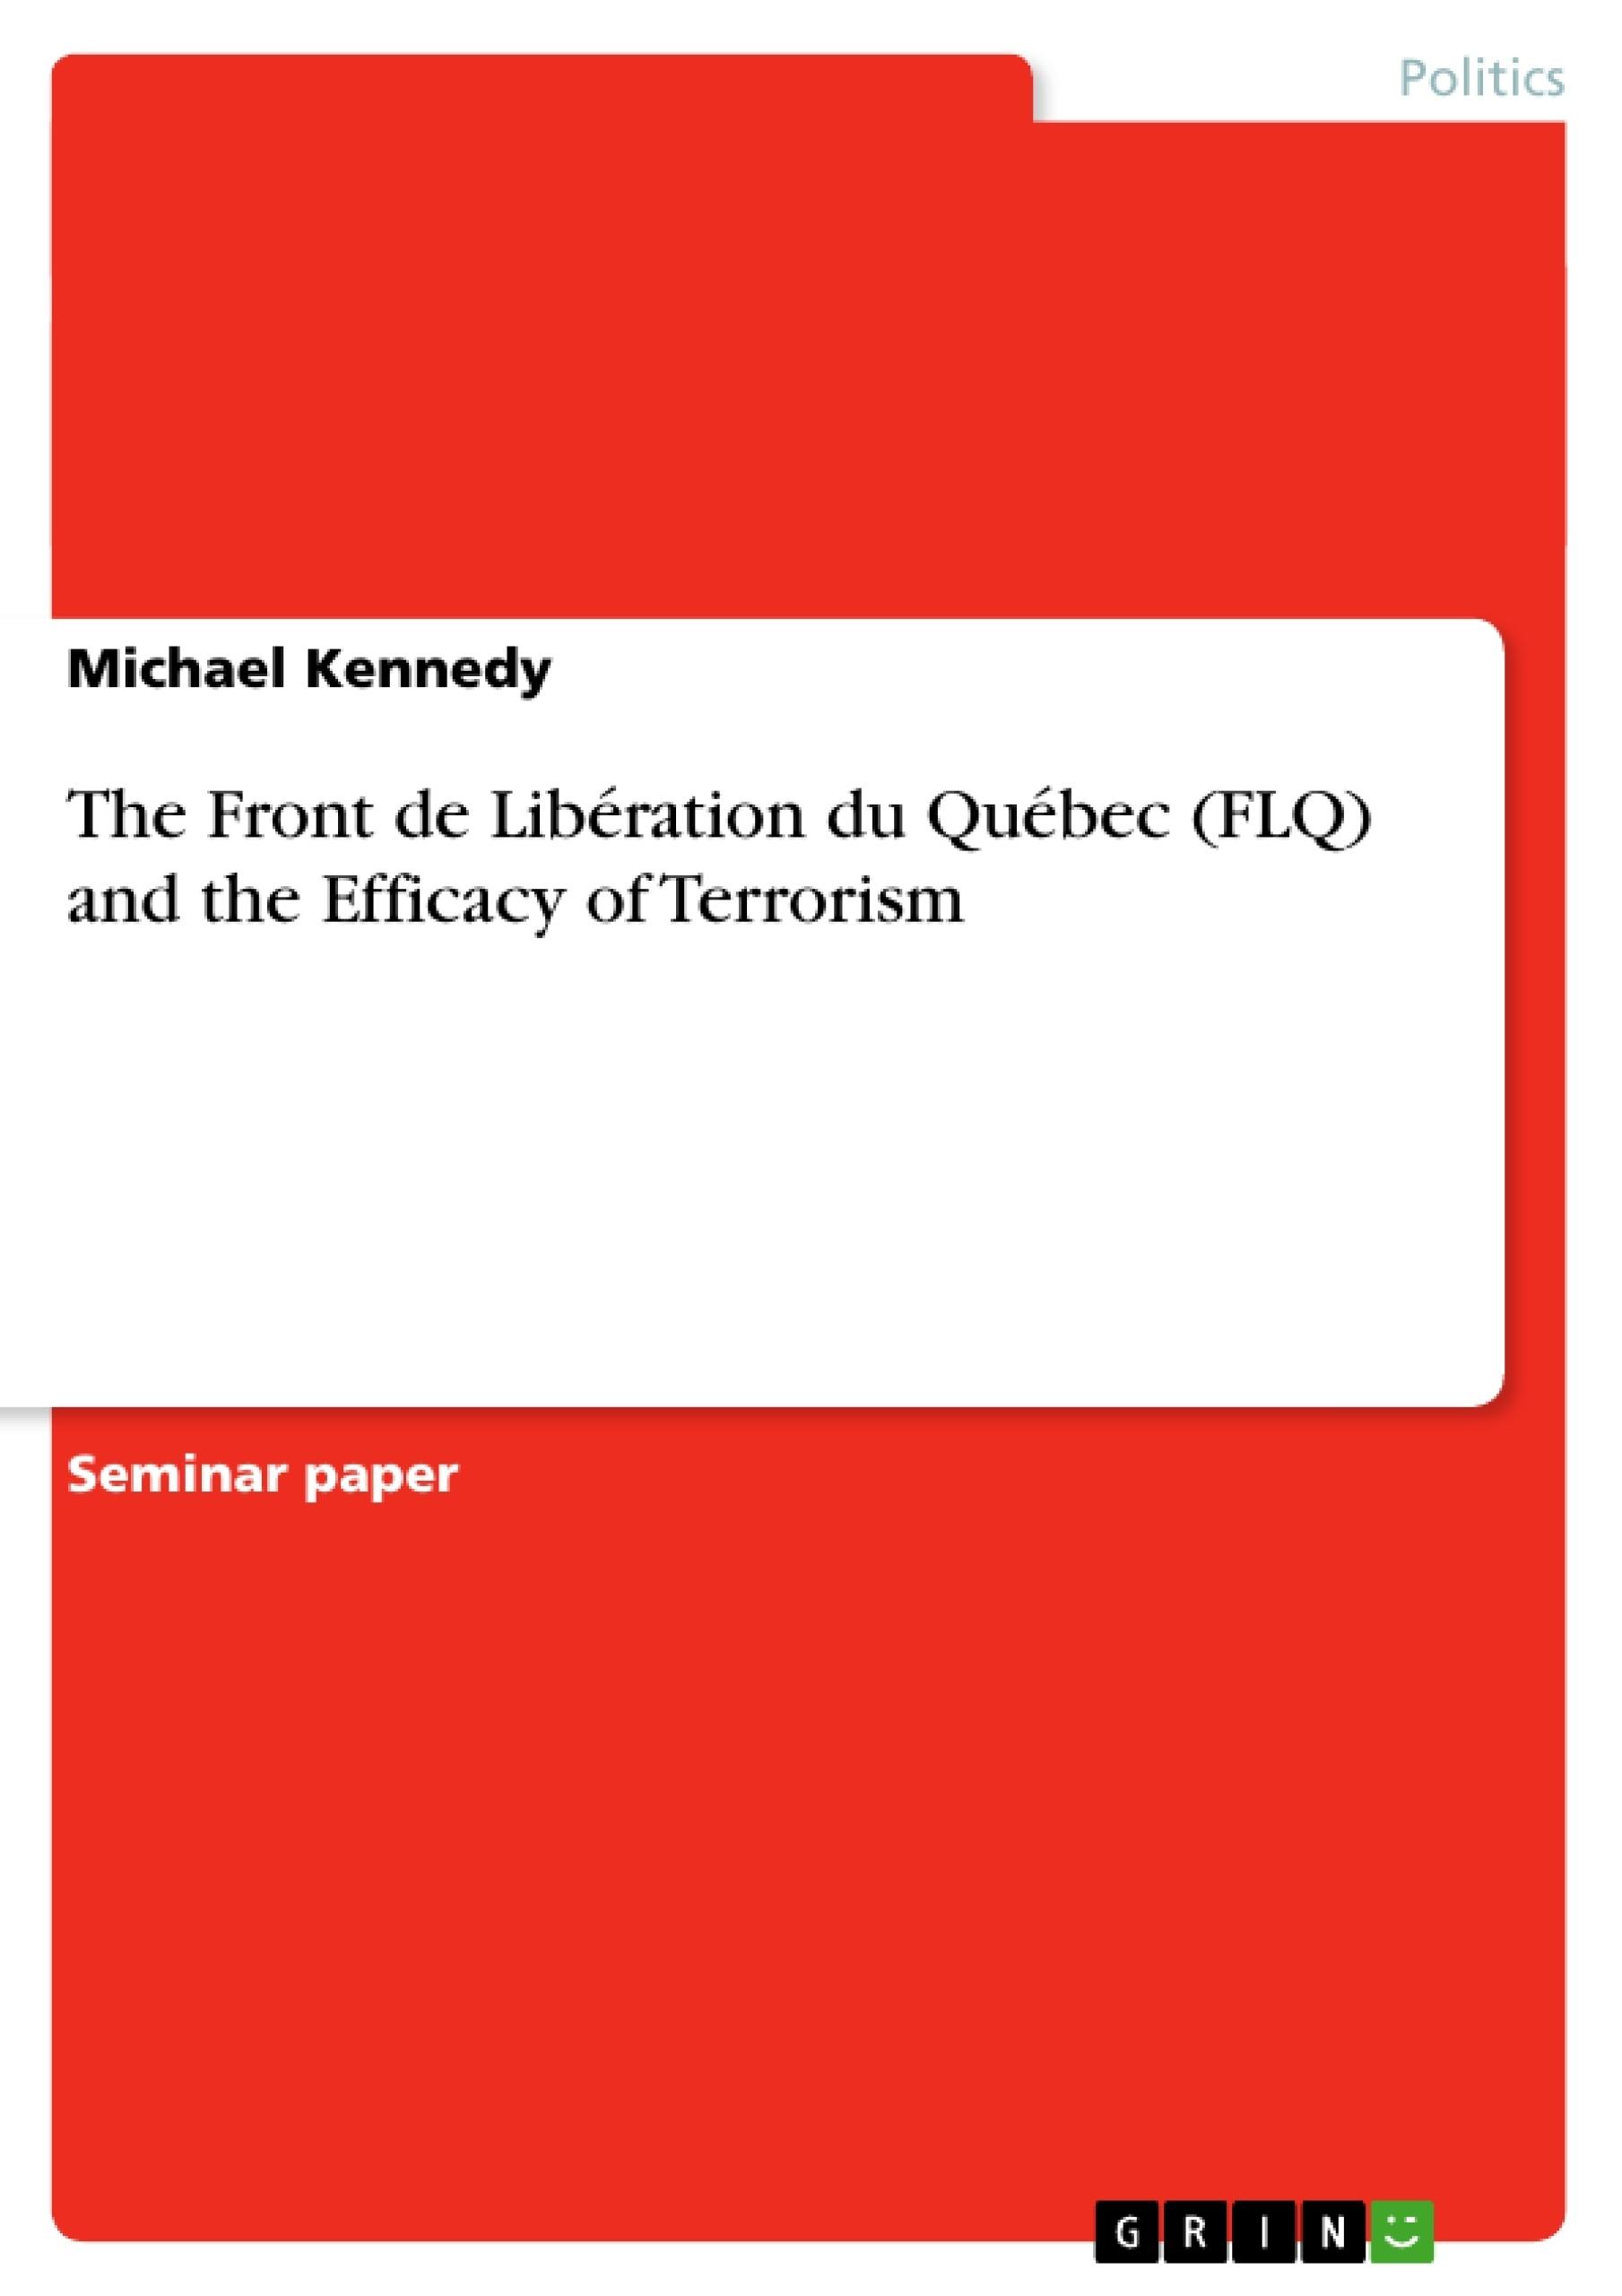 Title: The Front de Libération du Québec (FLQ) and the Efficacy of Terrorism